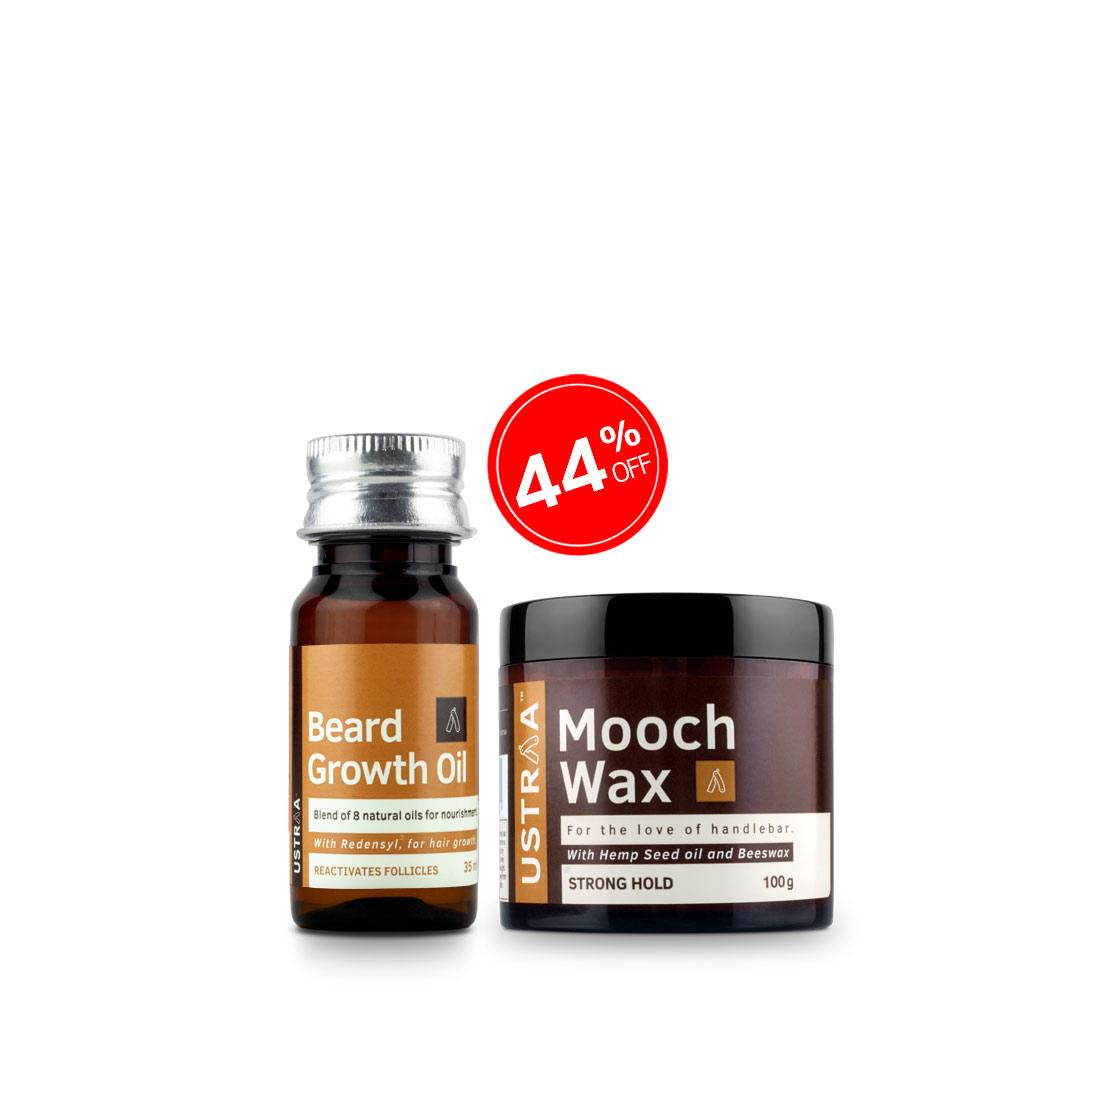 Beard Growth Oil and Beard & Mooch Wax- Strong Hold